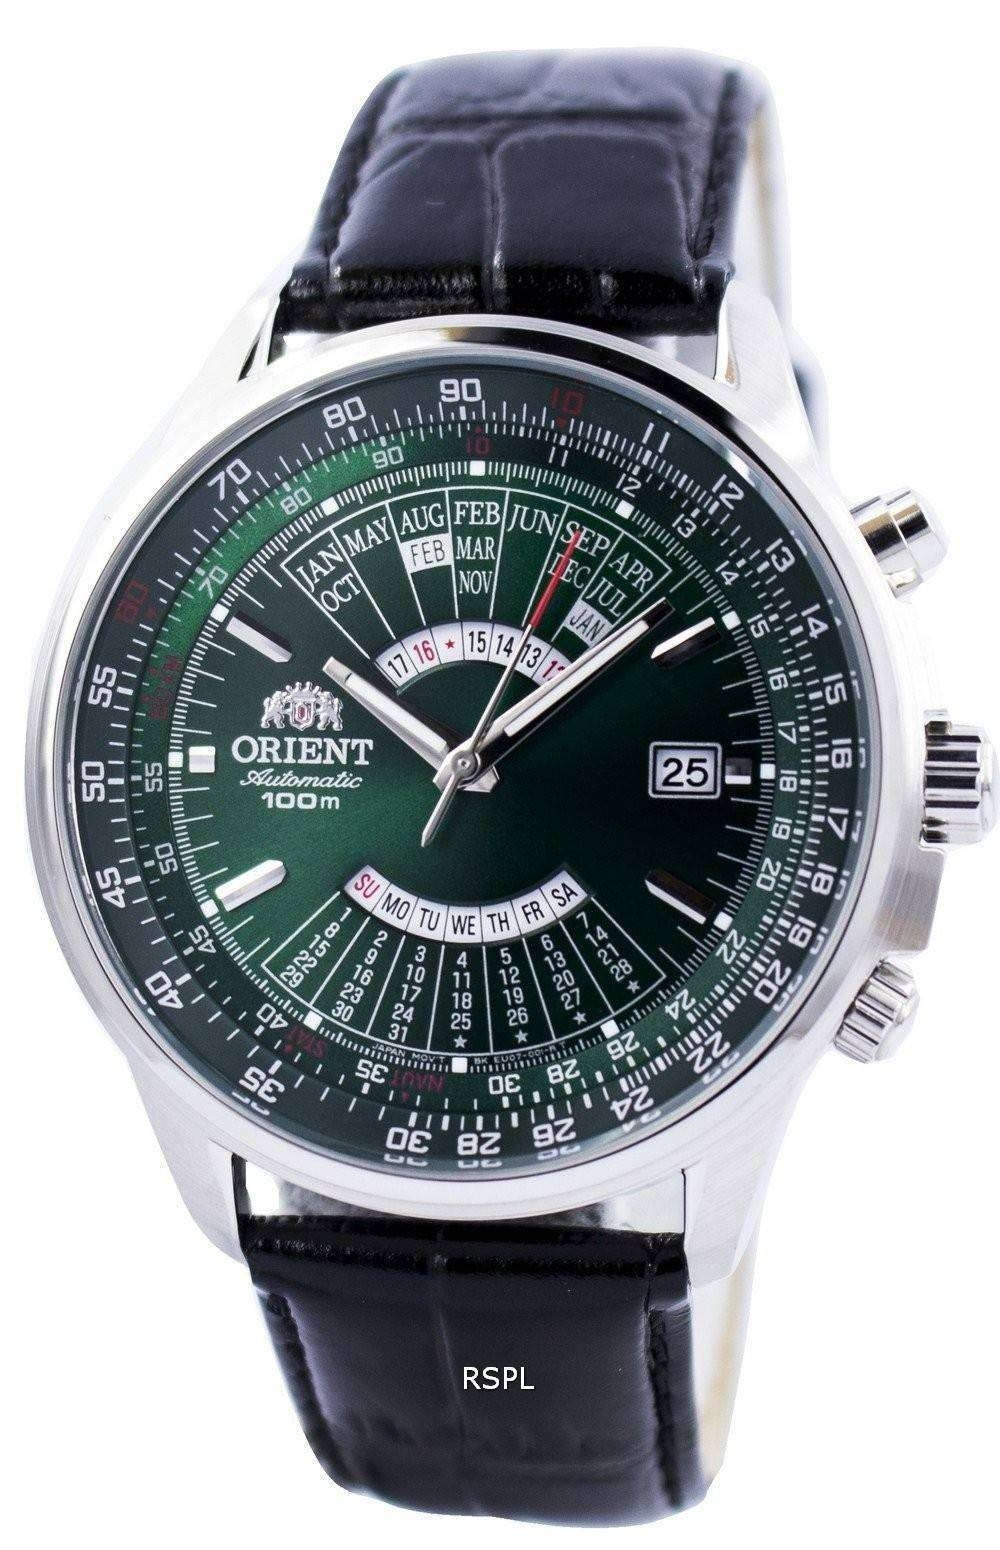 Orient Automatic Multi Year Calendar 100M Feu0700Cfh Mens Watch